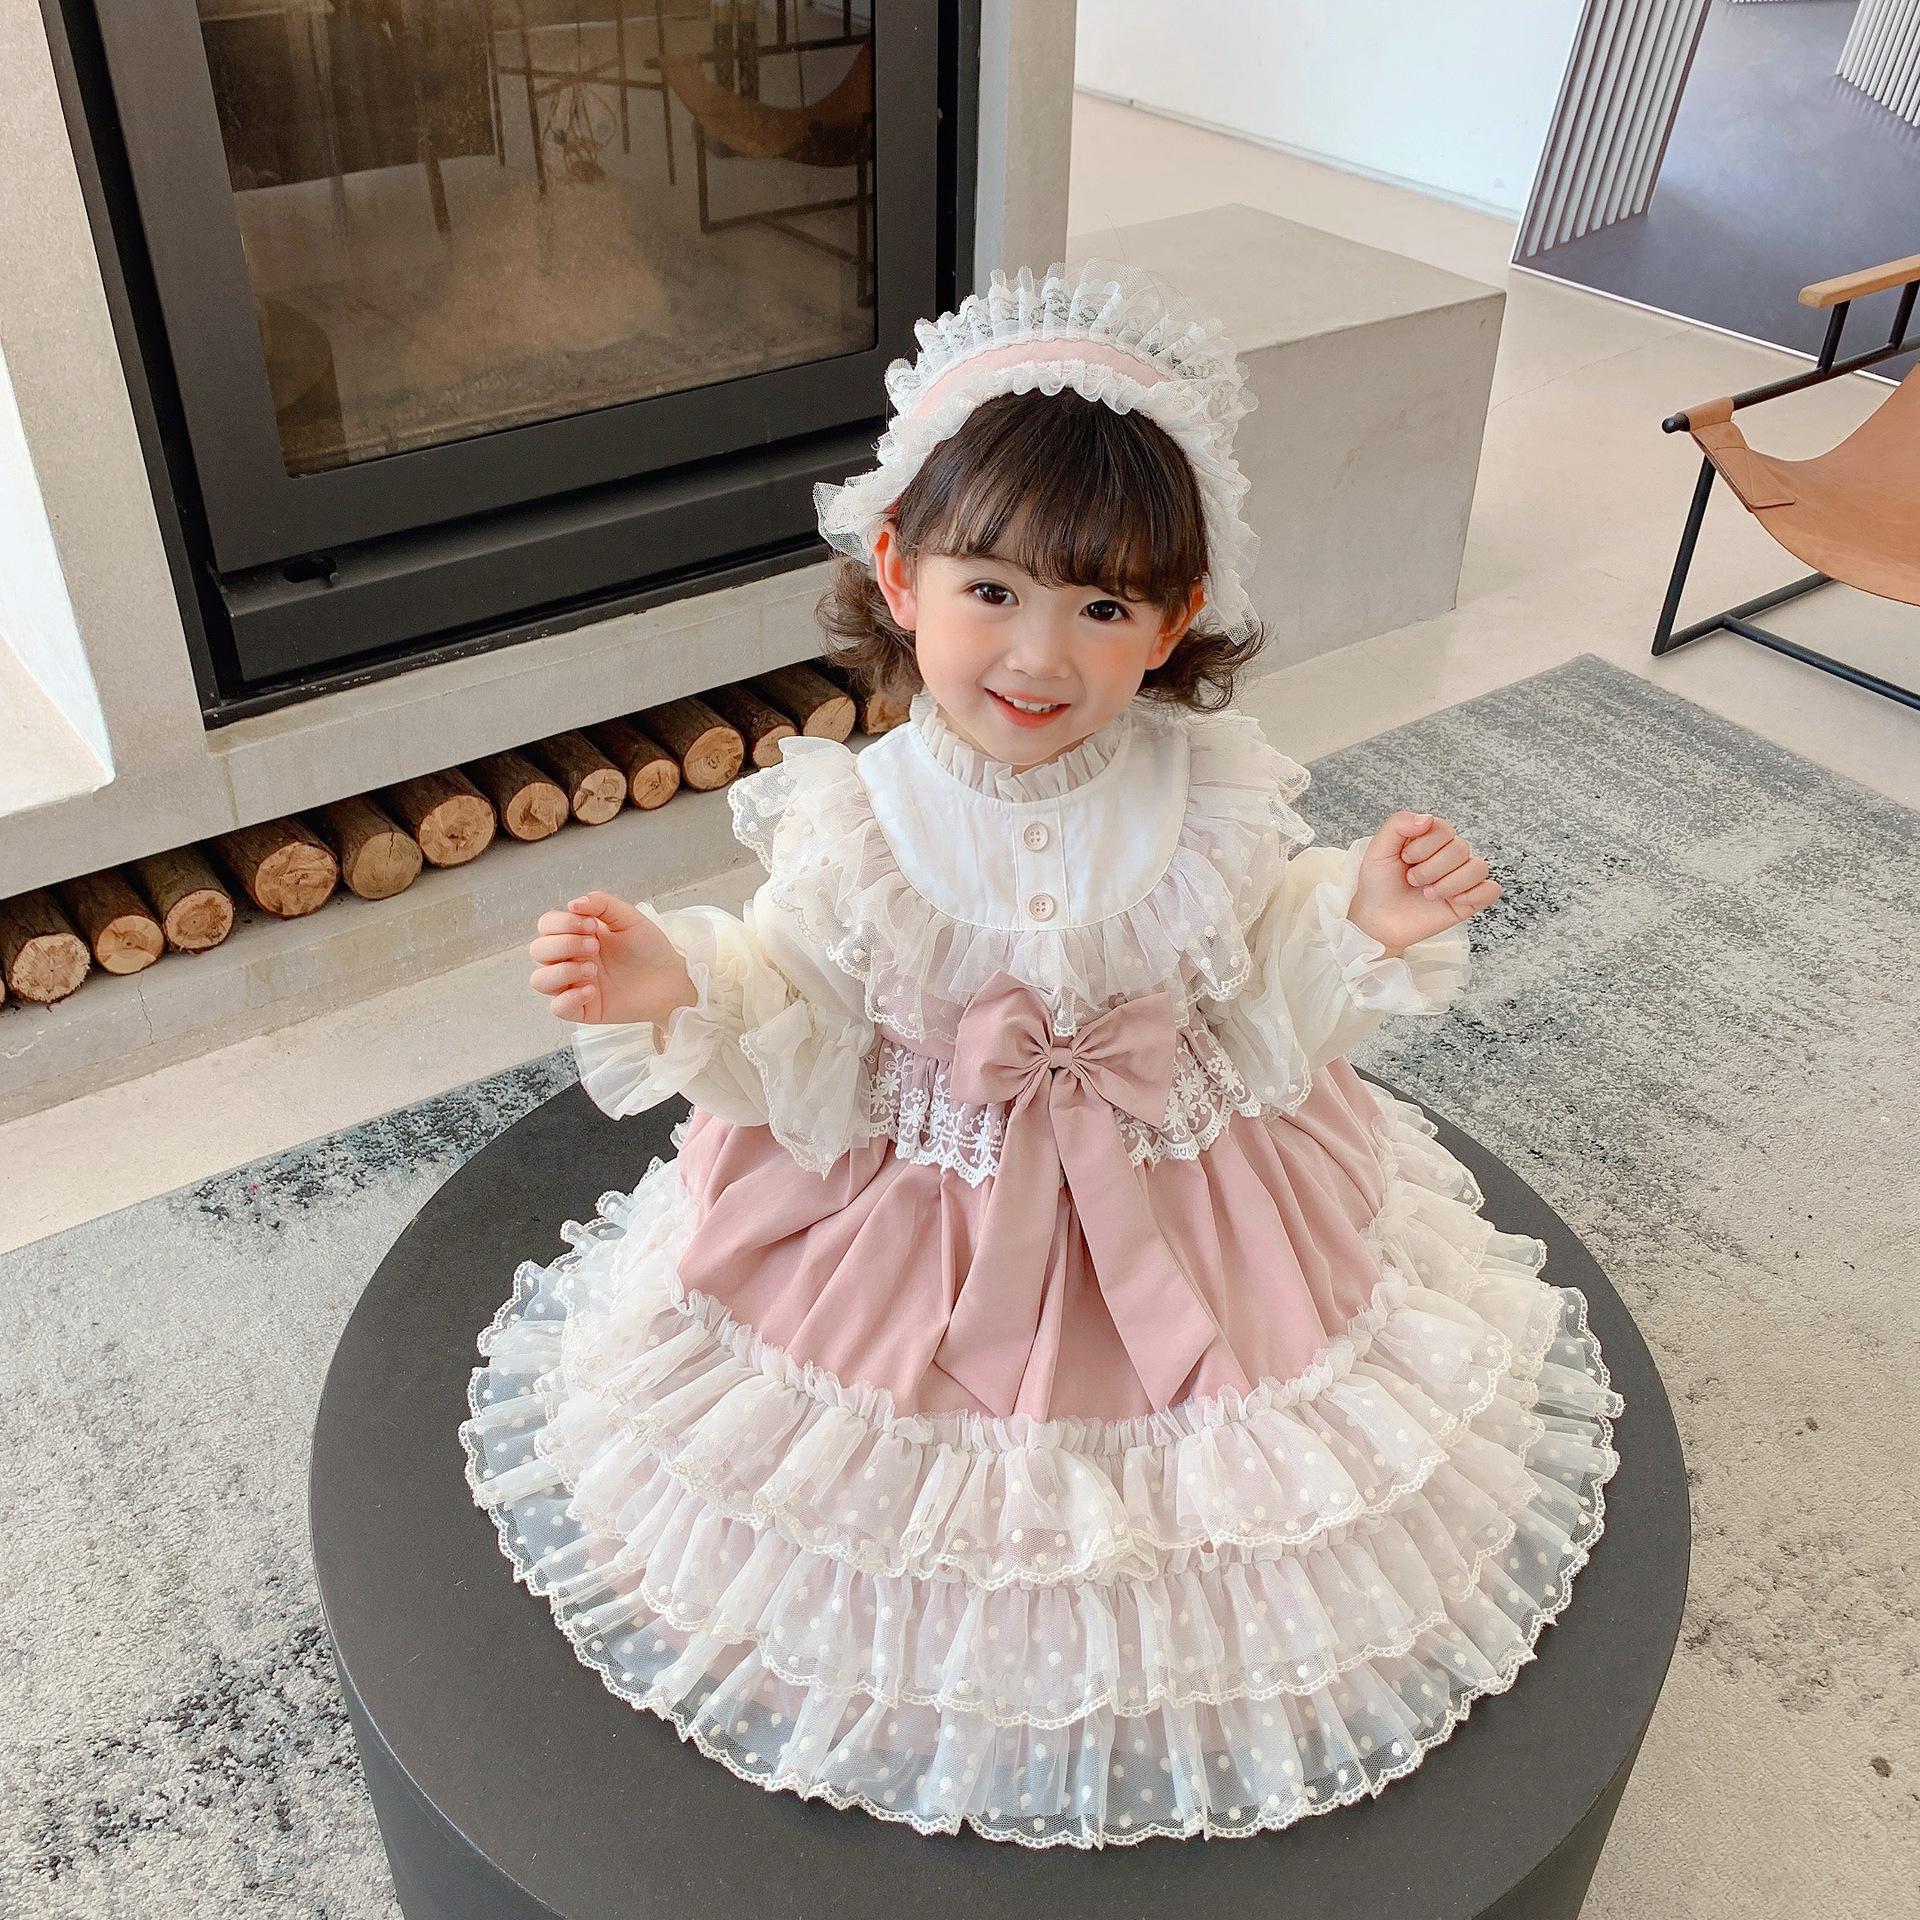 Childrens Lolita spring princess dress childrens Lolita baby full year dress girls Lolita Dress